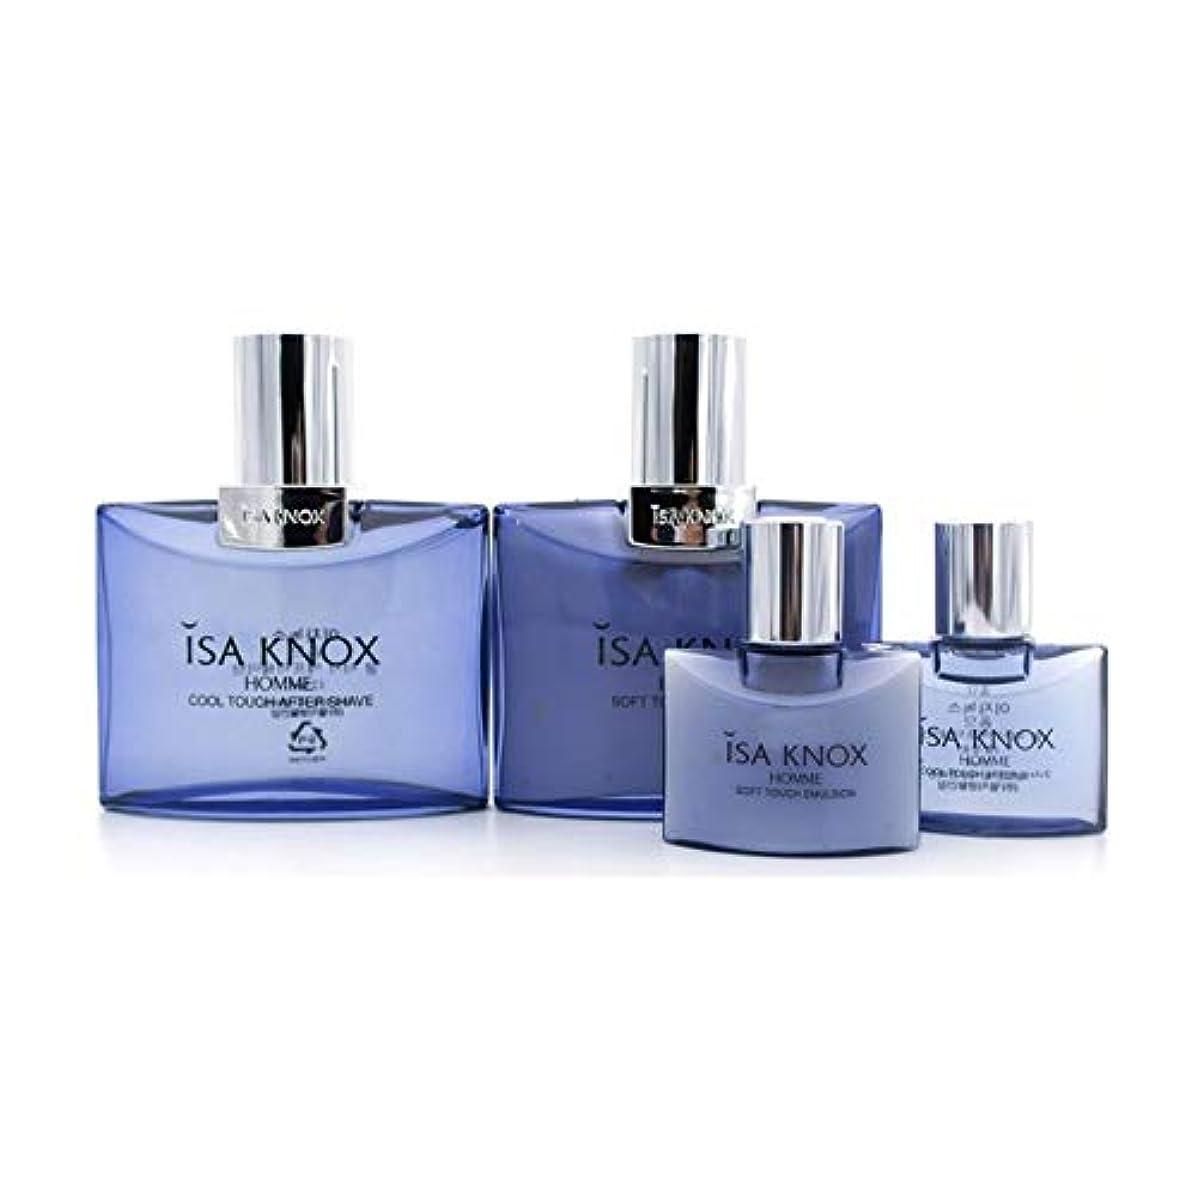 聴衆汚れるお手入れイザノックスオムアフターシェーブ160ml(125+35)エマルジョン160ml(125+35)セットメンズコスメ韓国コスメ、Isa Knox Homme After Shave Emulsion Set Men's Cosmetics...